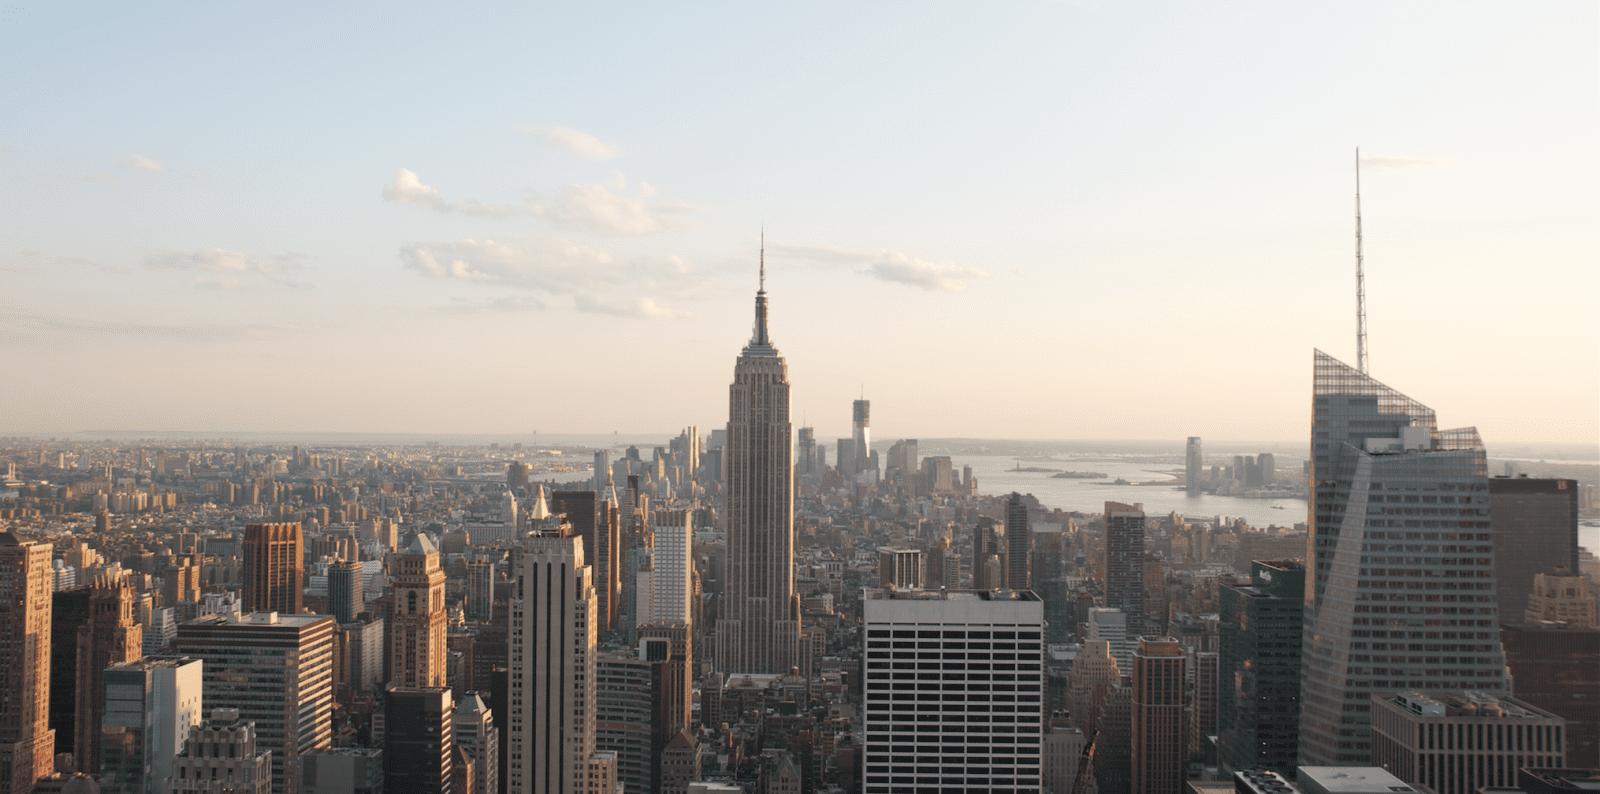 New York City startet größtes kostenloses WiFi-Netzwerk